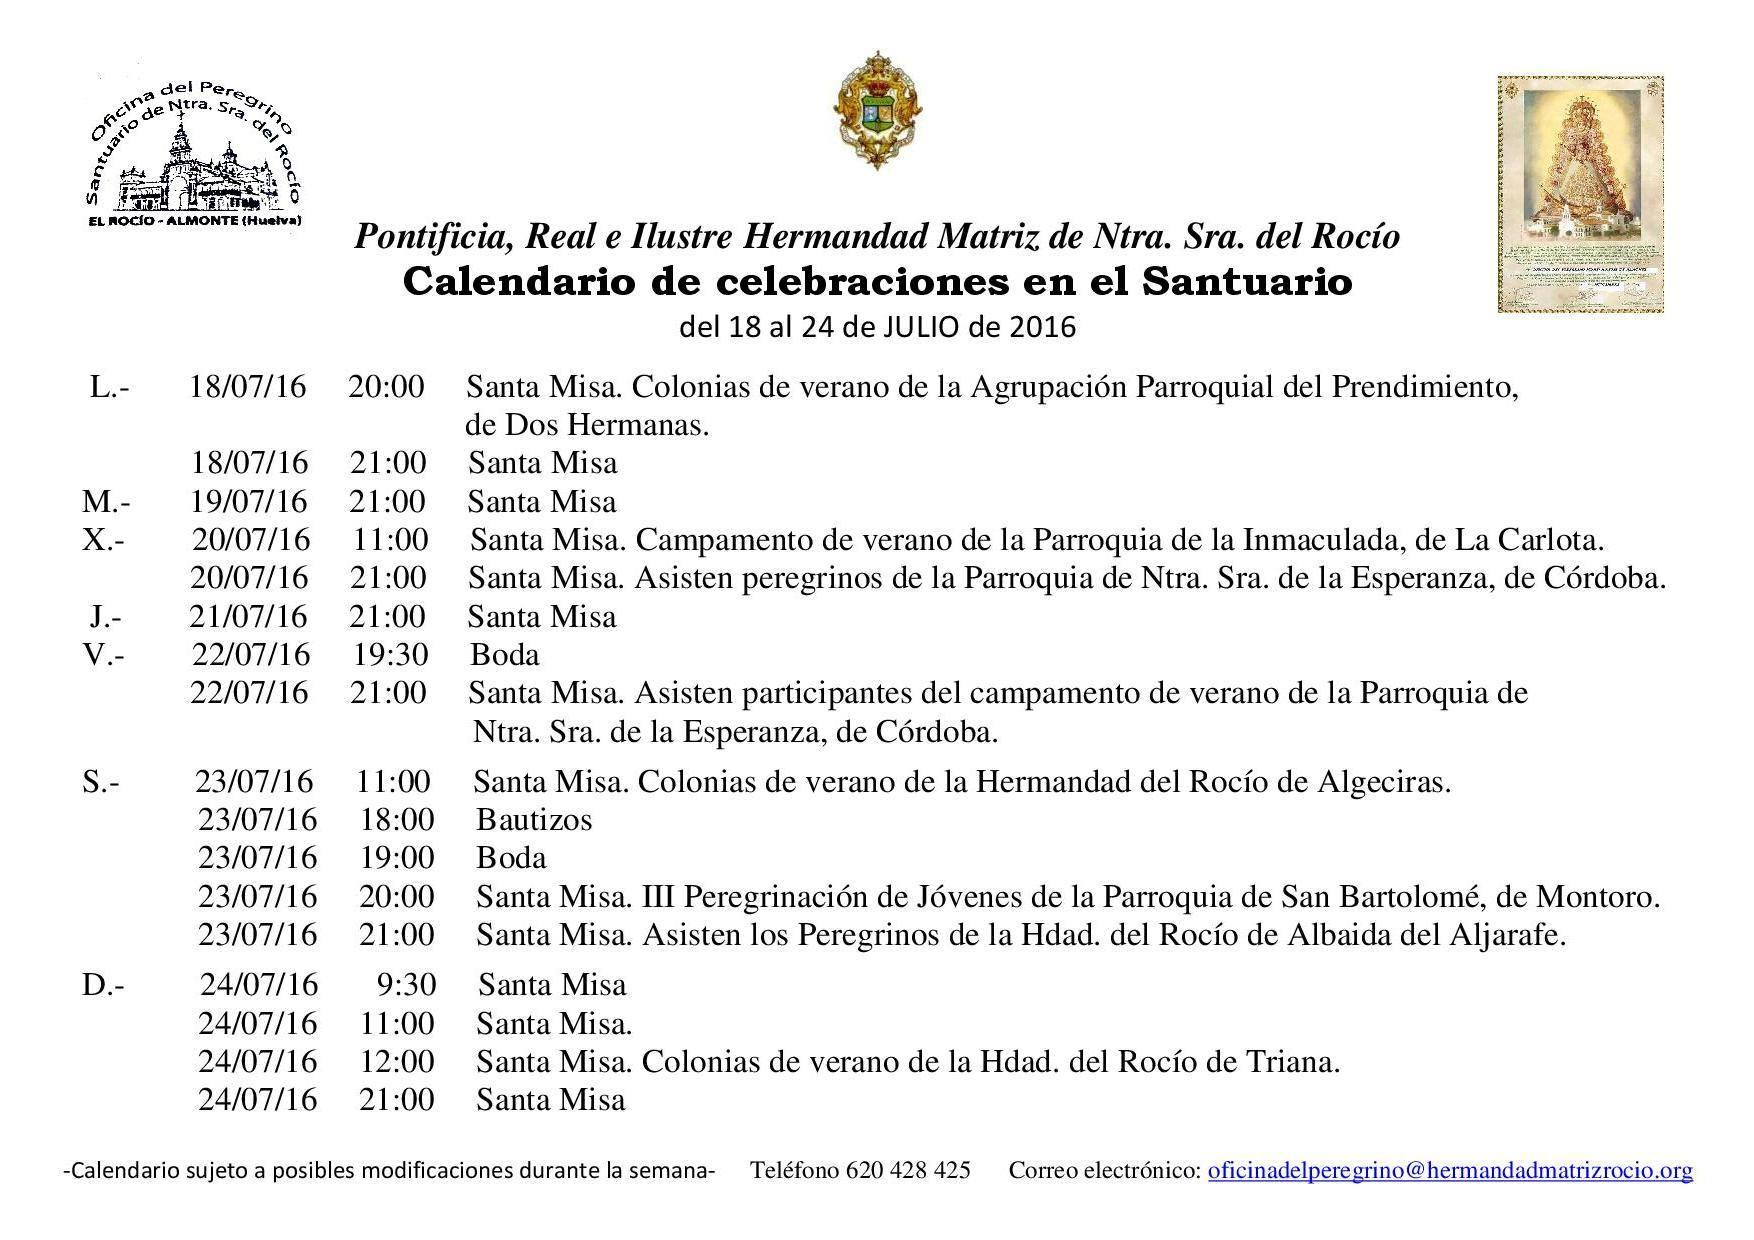 Calendario del 18 al 24 de julio 2016 santuario Rocio